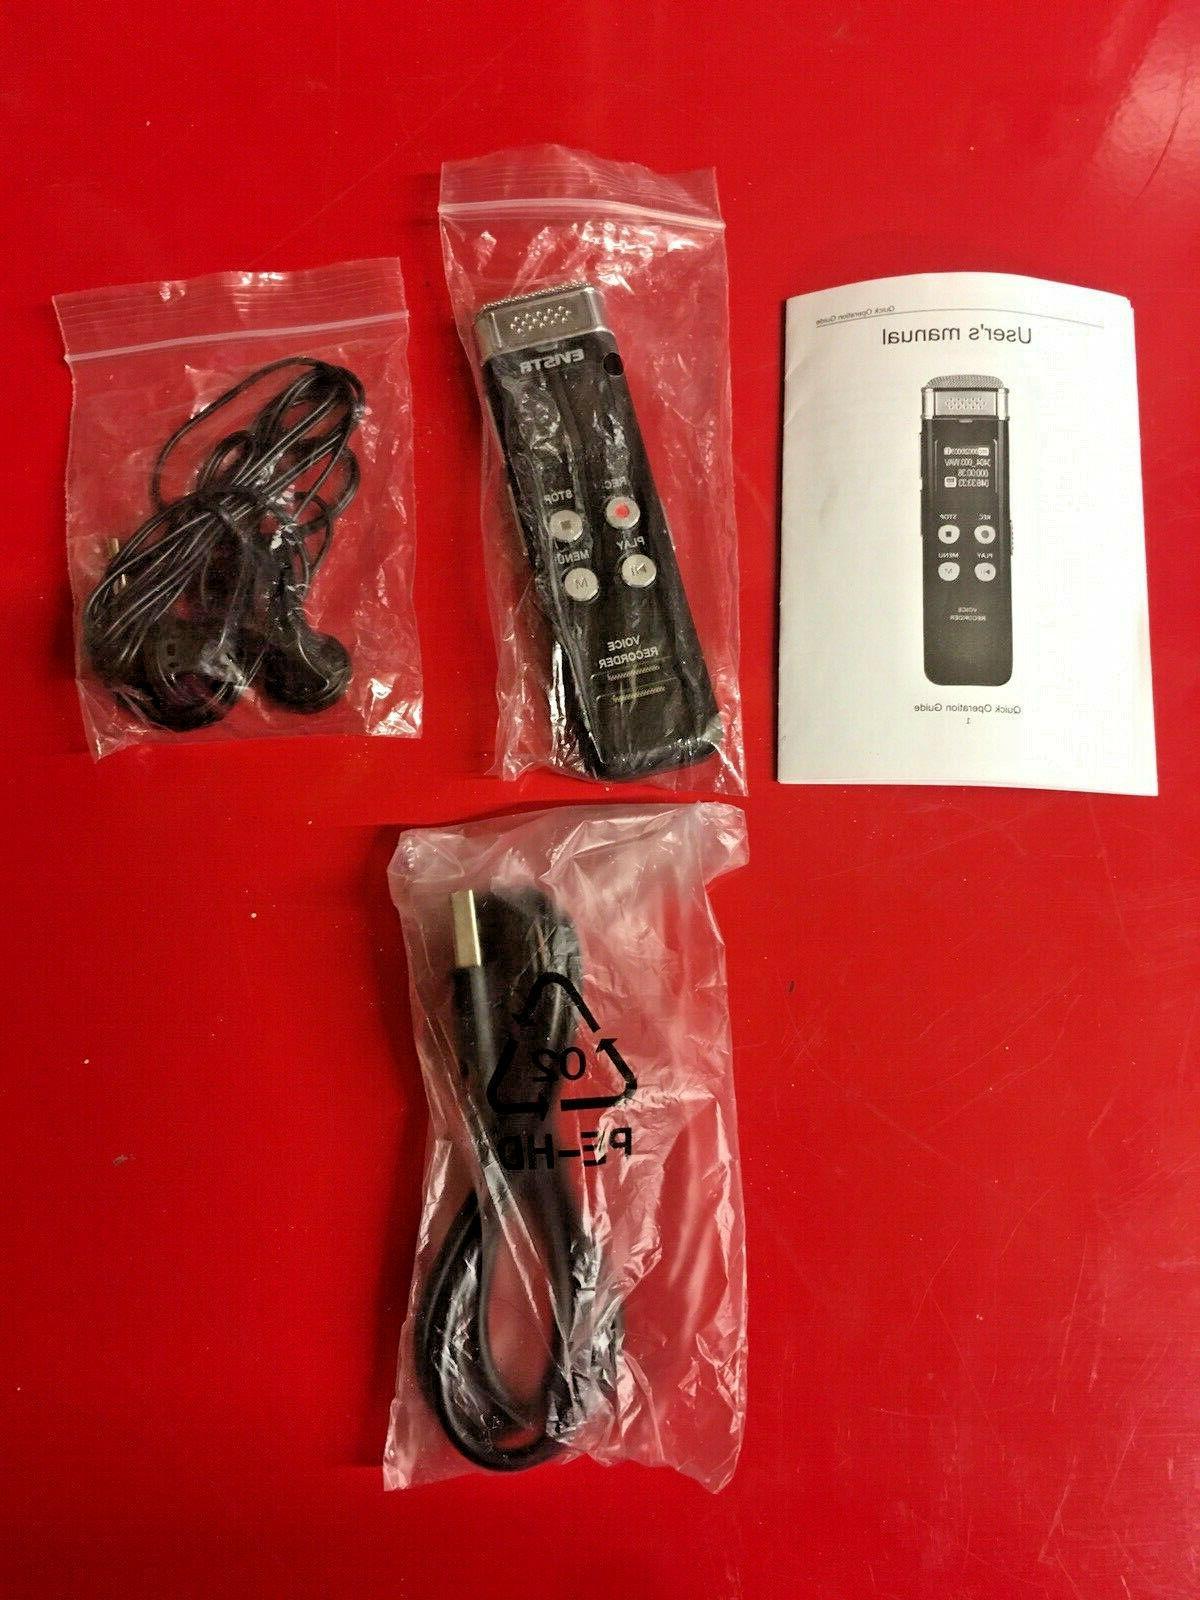 8gb slim digital voice recorder mini audio